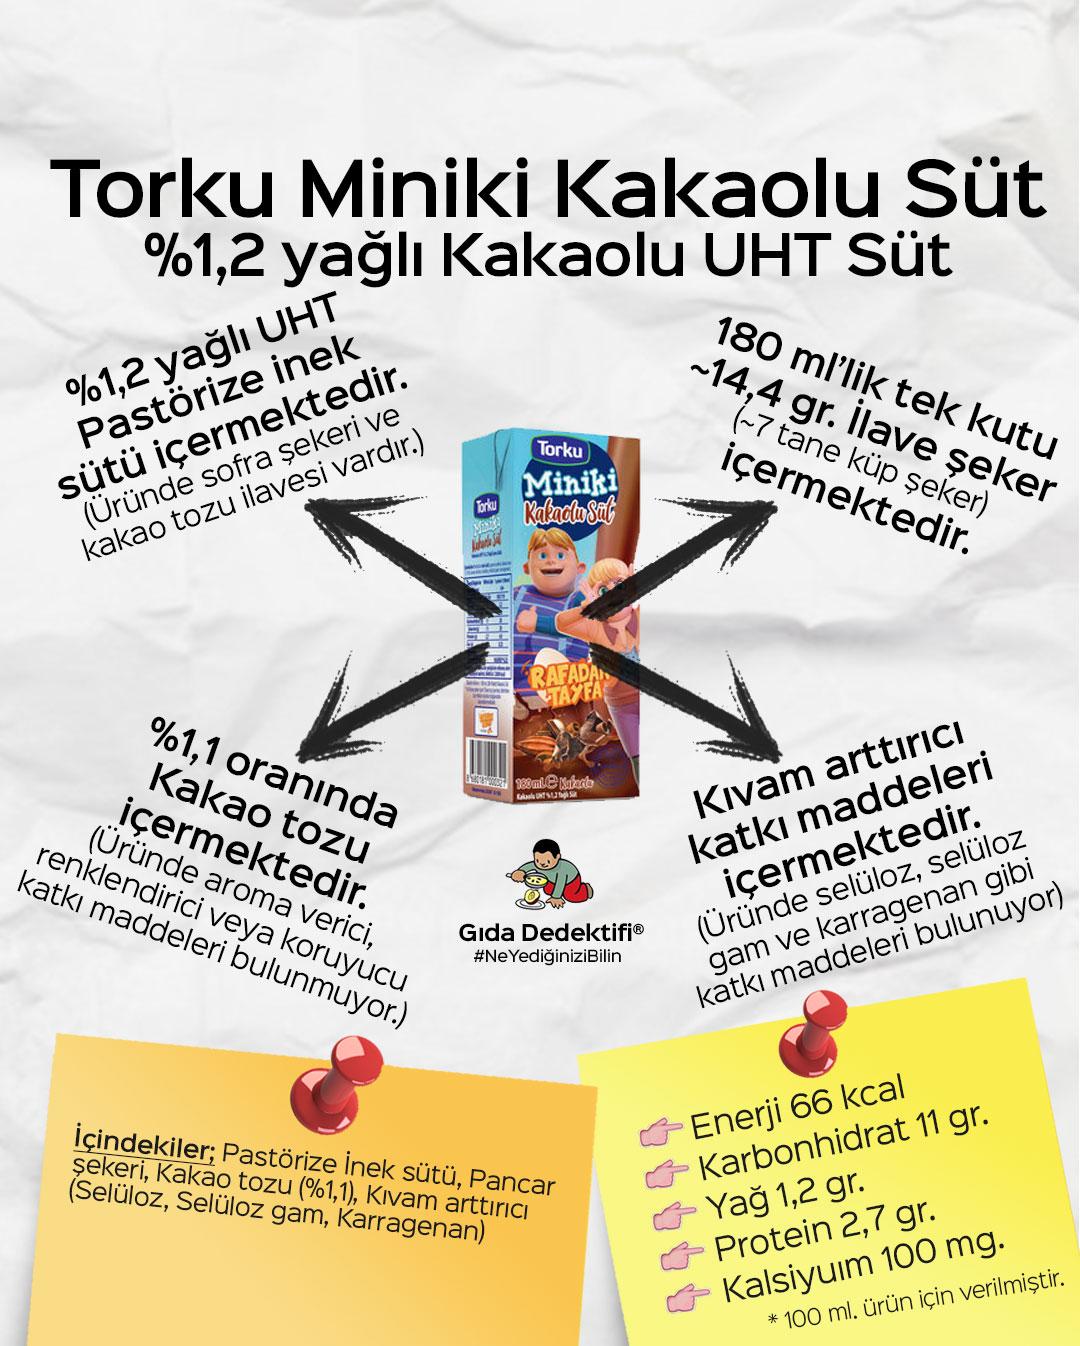 Torku Miniki Kakaolu Süt - Gıda Dedektifi